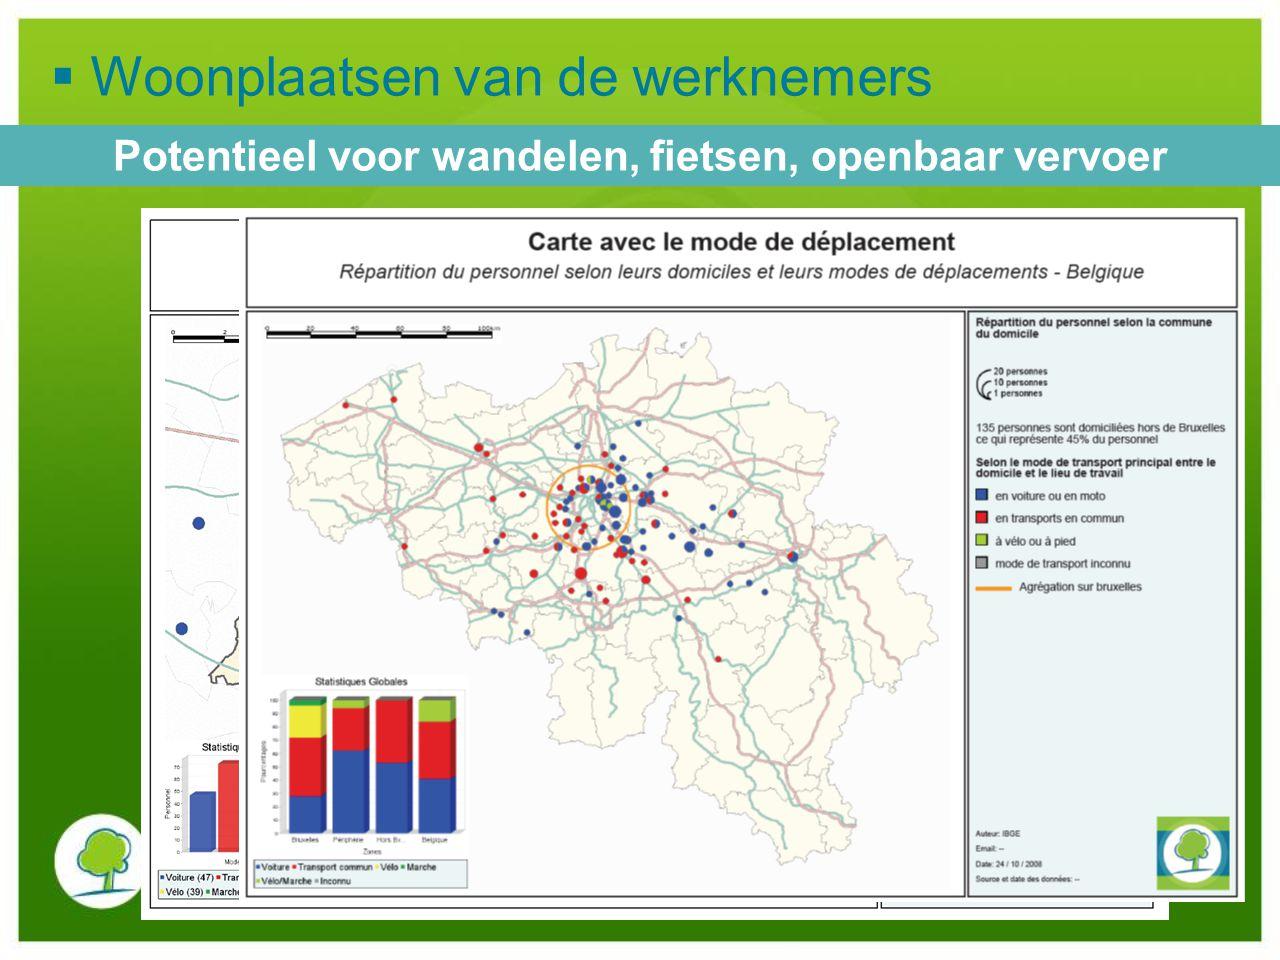 Potentieel voor wandelen, fietsen, openbaar vervoer